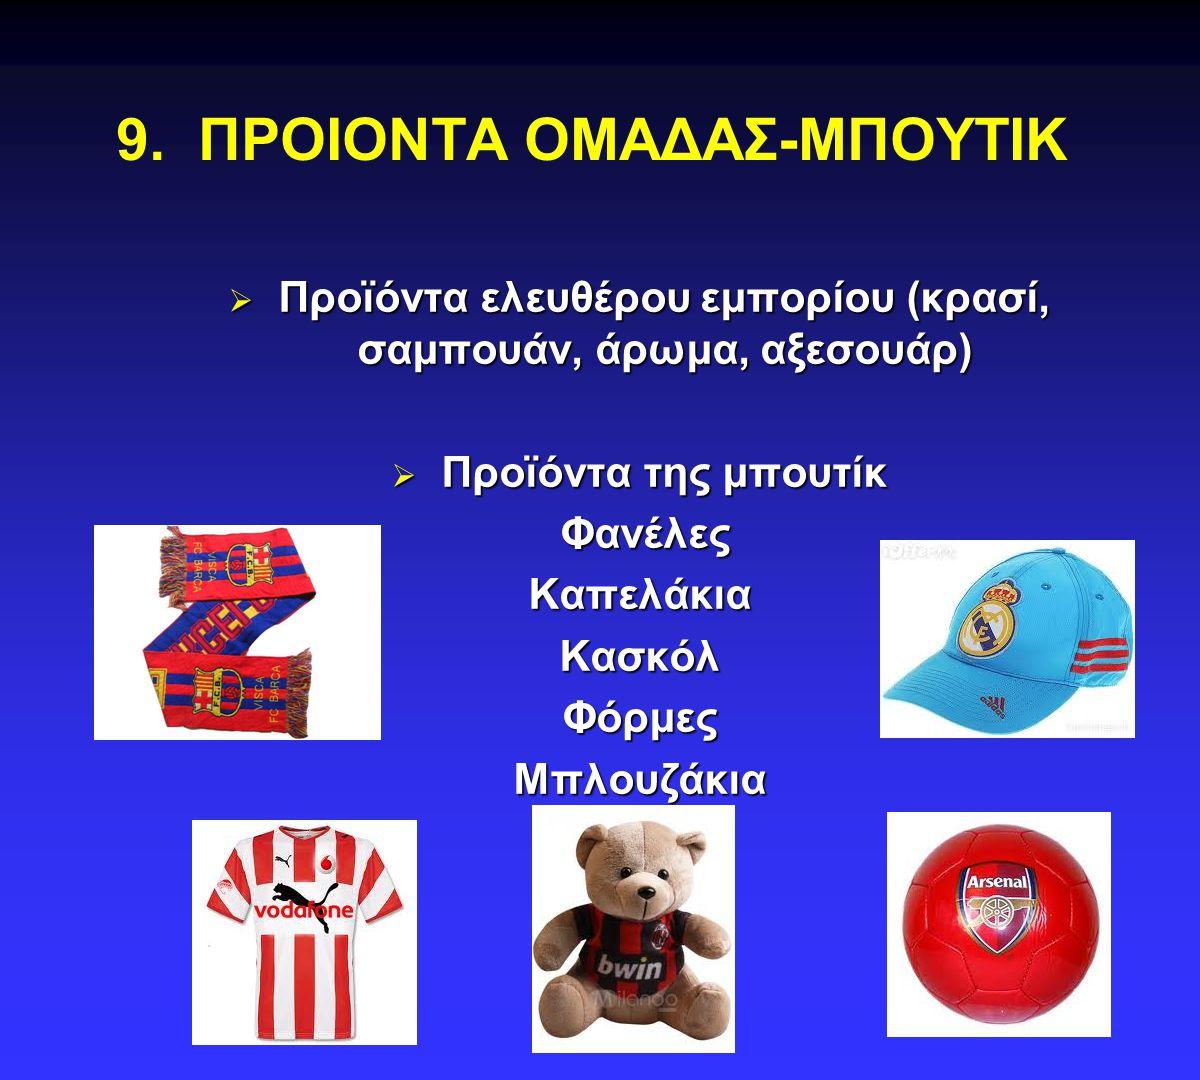 9. ΠΡΟΙΟΝΤΑ ΟΜΑΔΑΣ-ΜΠΟΥΤΙΚ